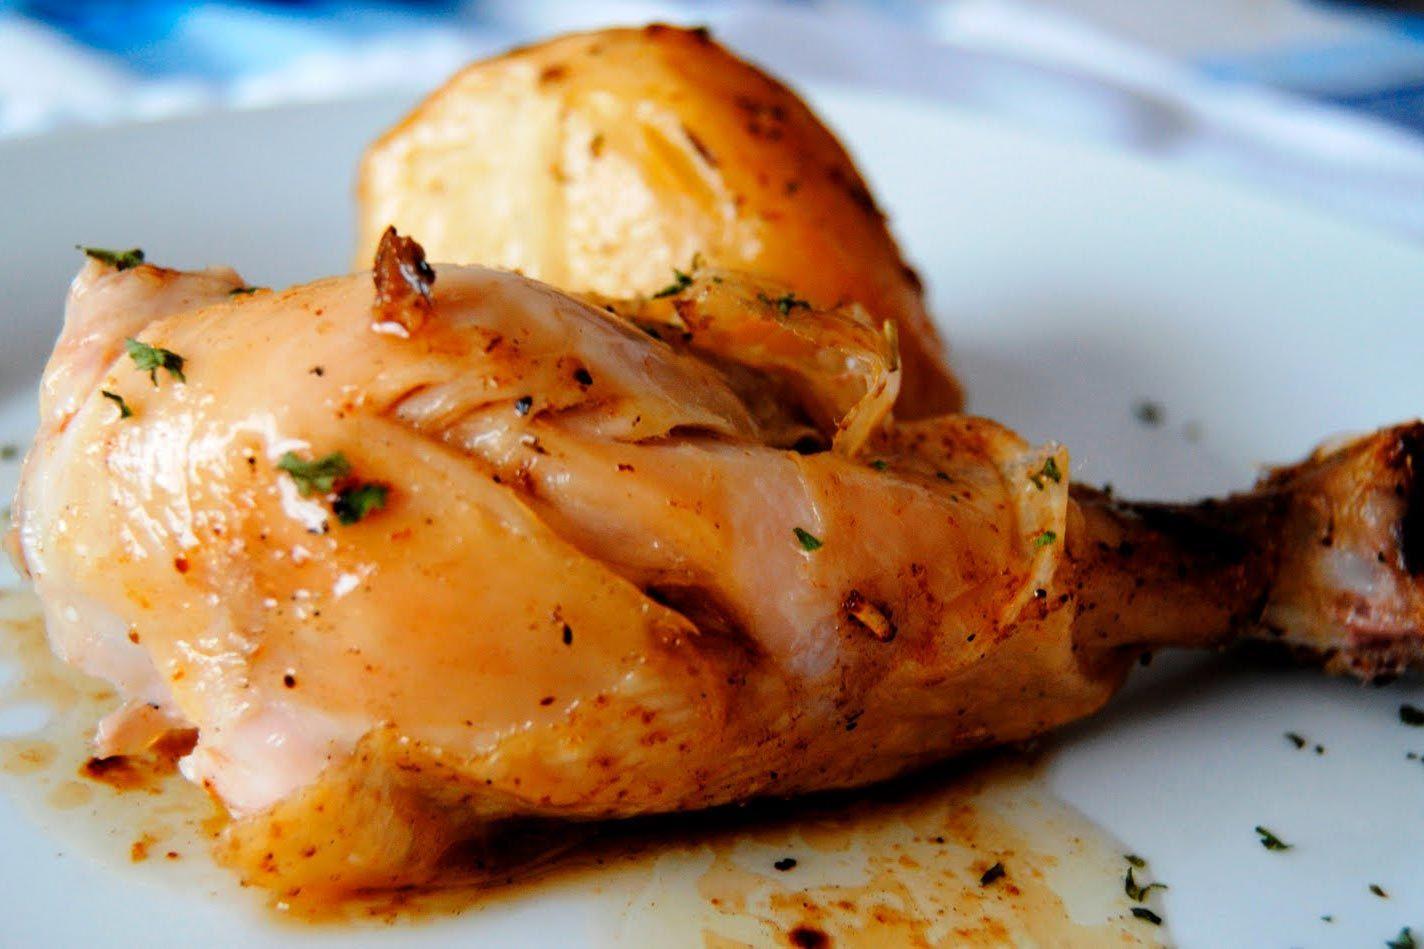 Beautiful ¿Quieres Cocinar Unas Patas De Pollo Saludables? Al Estar Hechas Al Horno,  Contienen Un Menor Nivel Calórico, Pero Mucho Jugo Y Sabor.